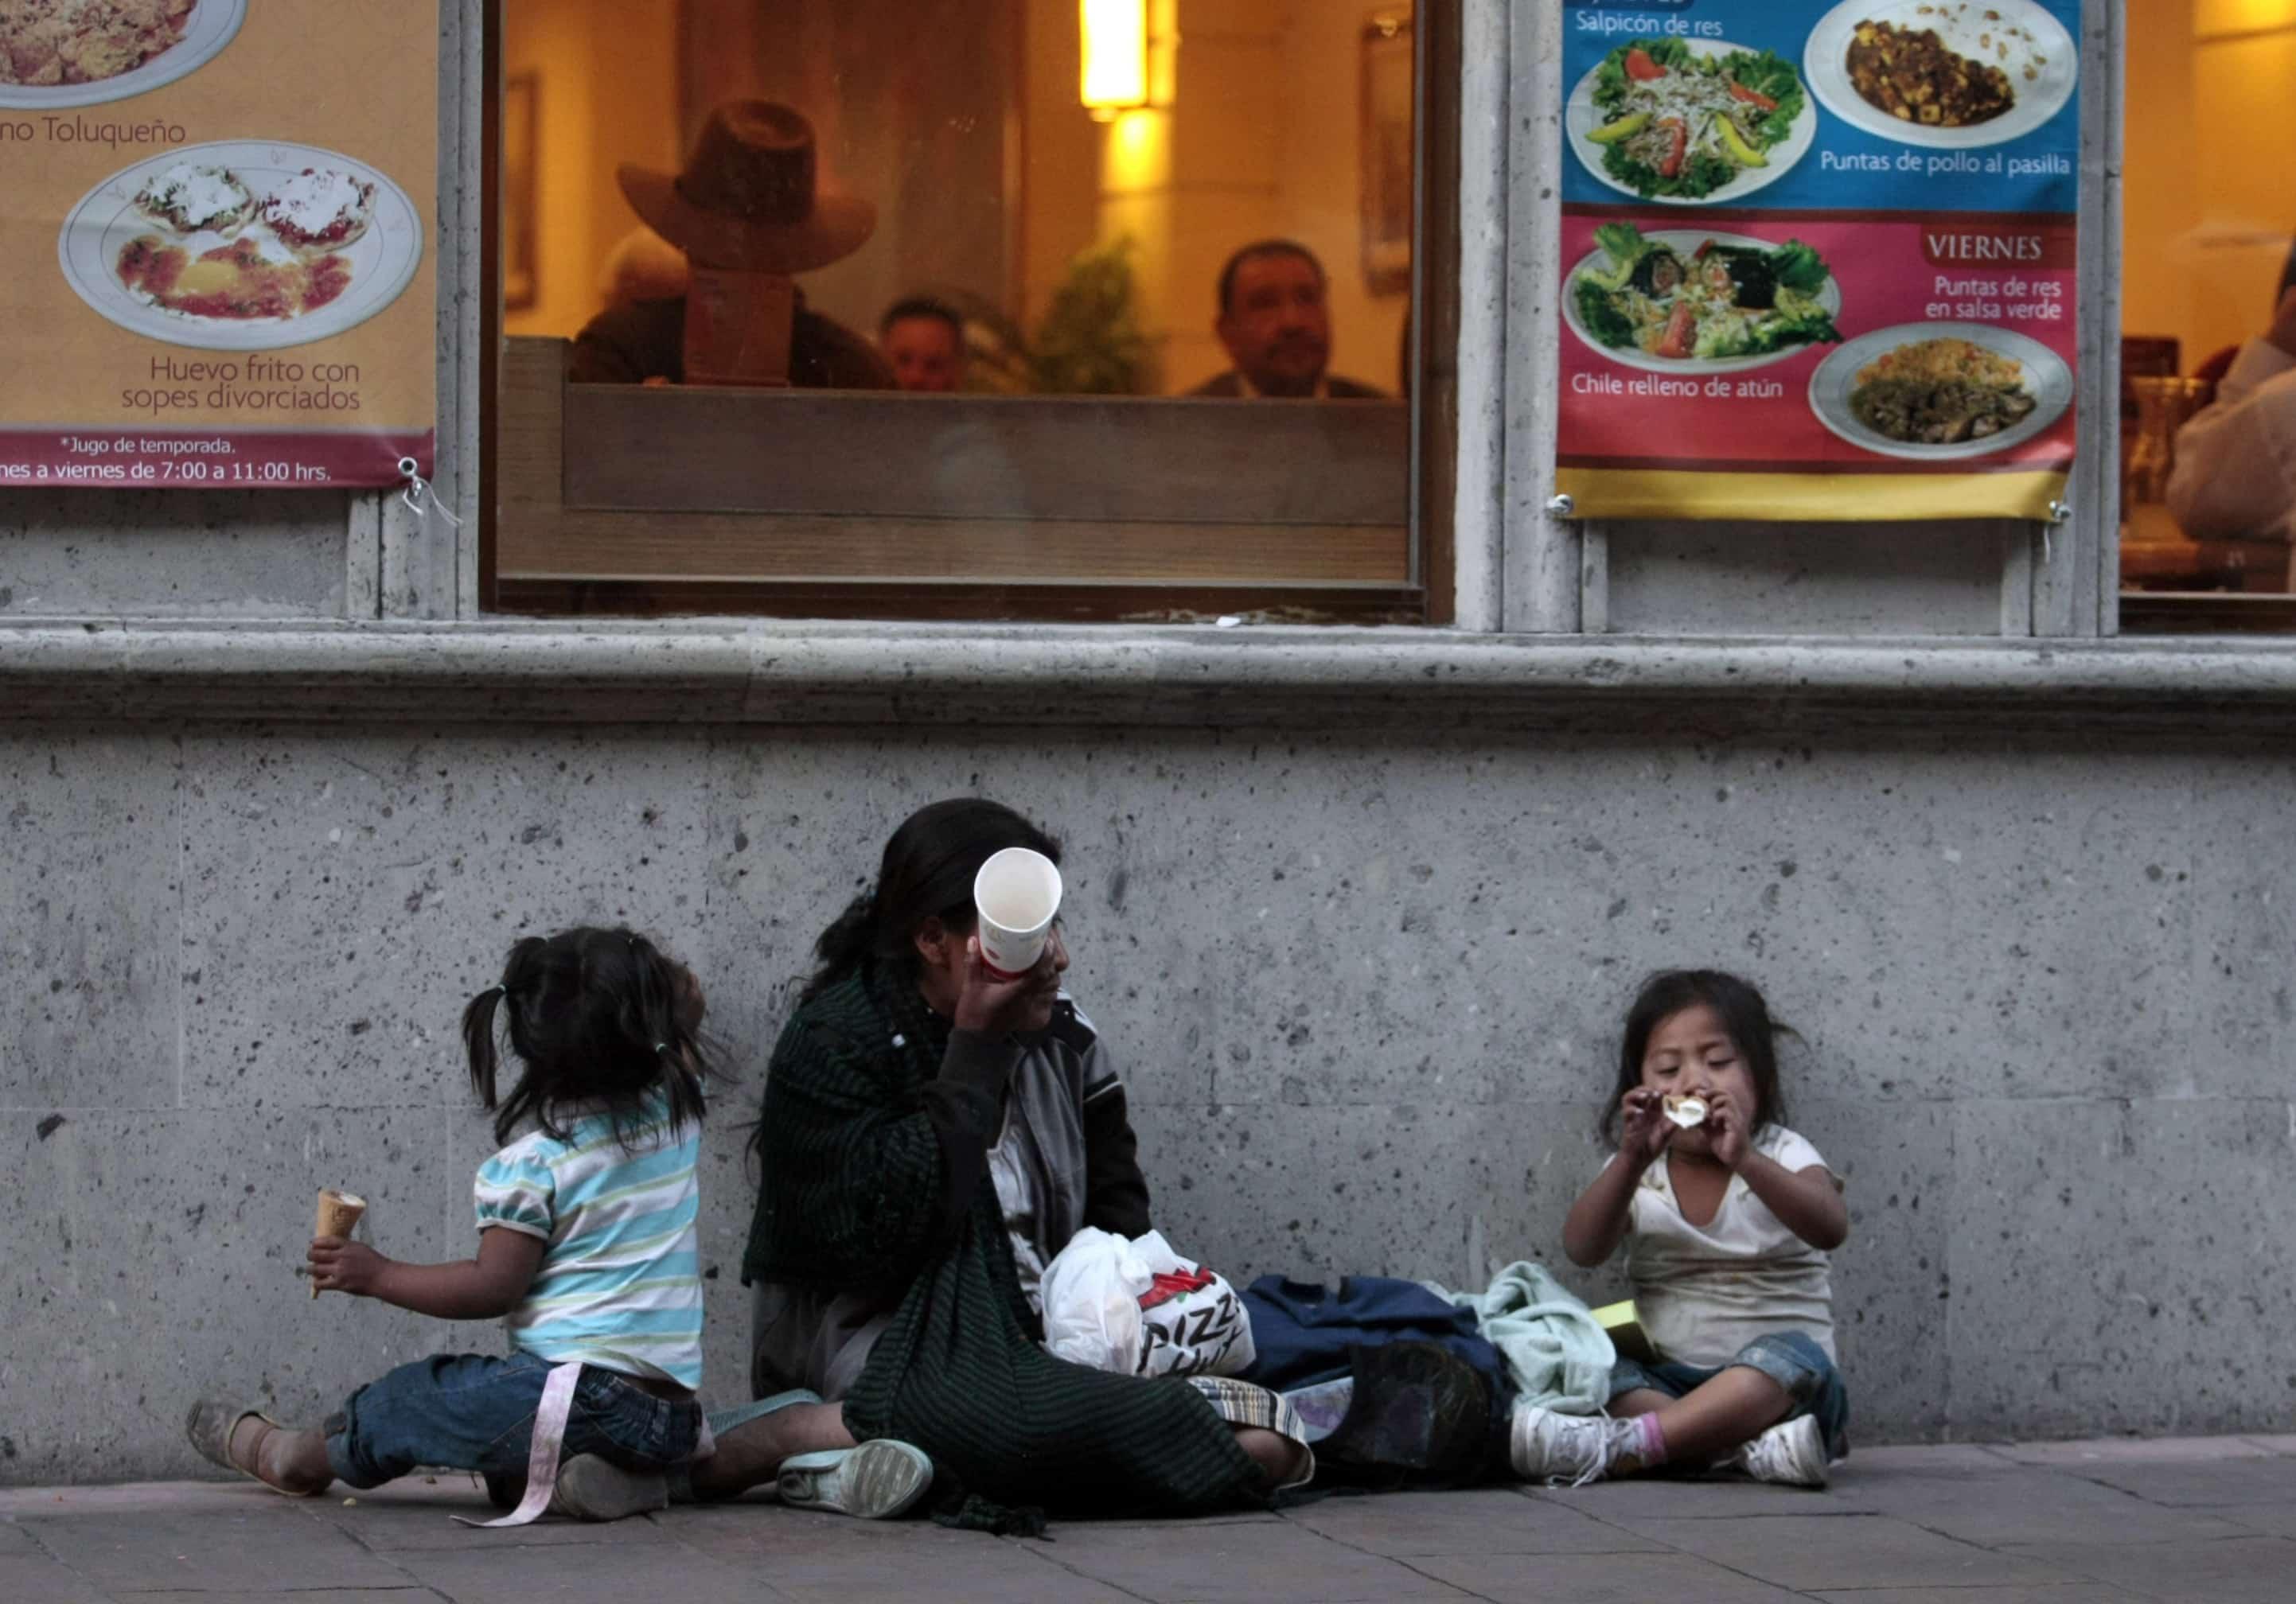 La comida propia del Día de Acción de Gracias, siempre ha sido deseada por los sectores más vulnerables de la población.